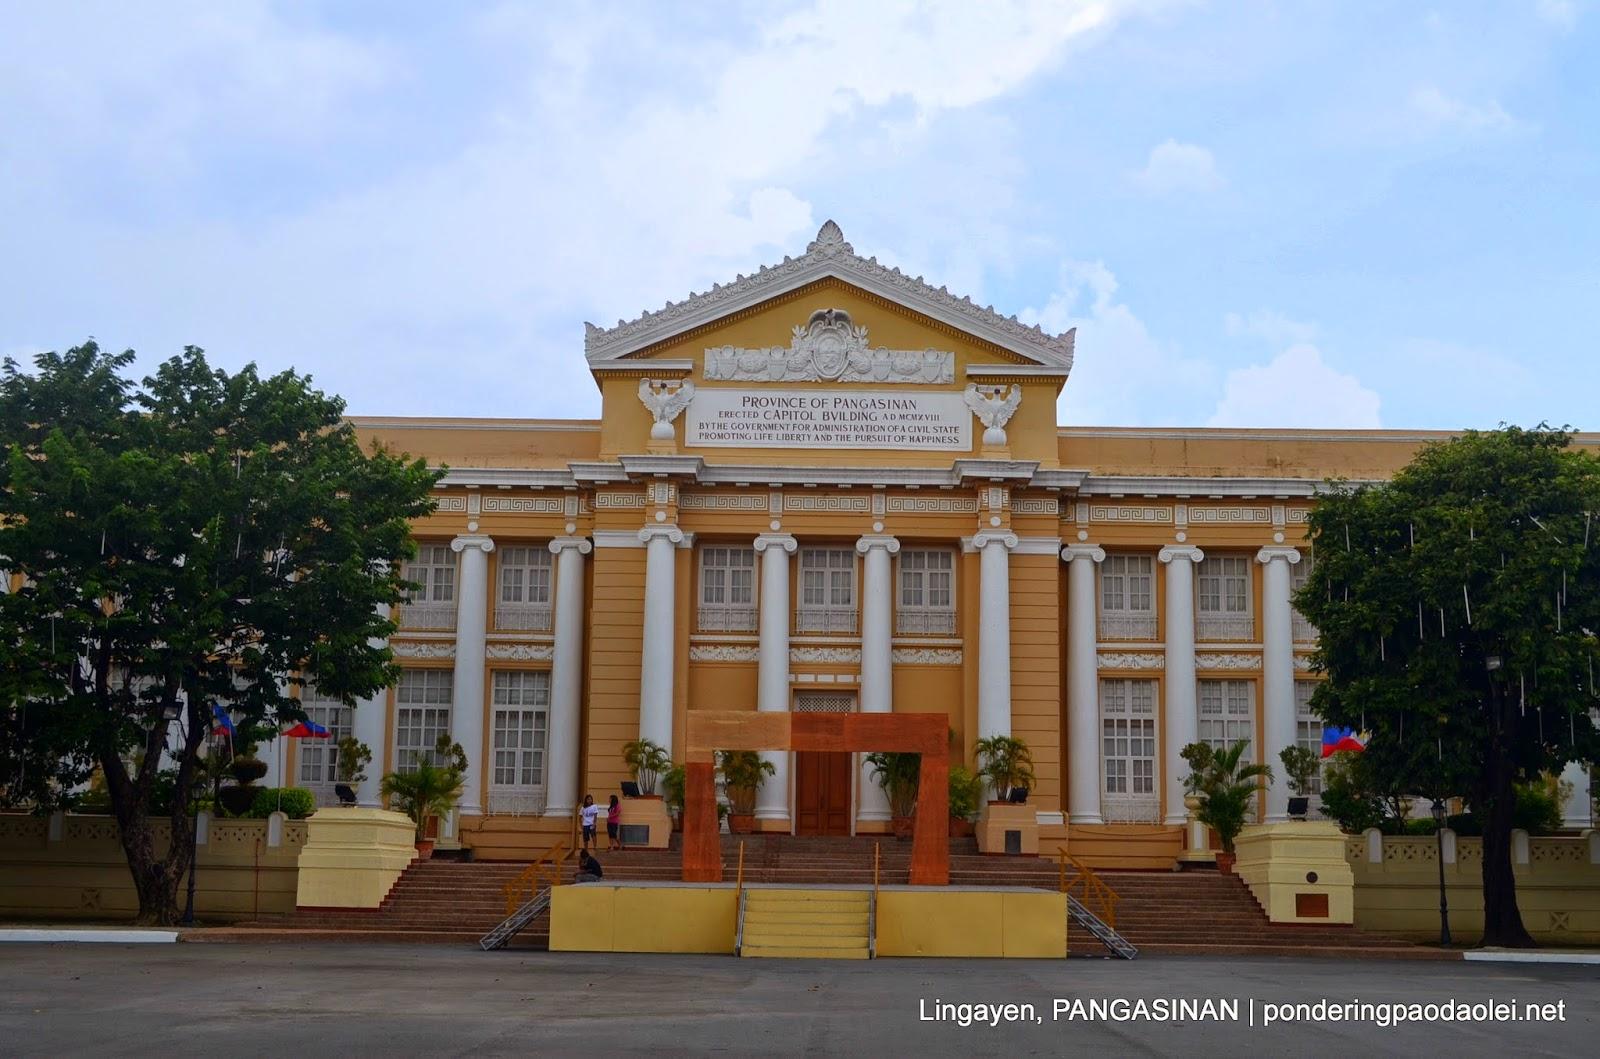 Lingayen, Pangasinan